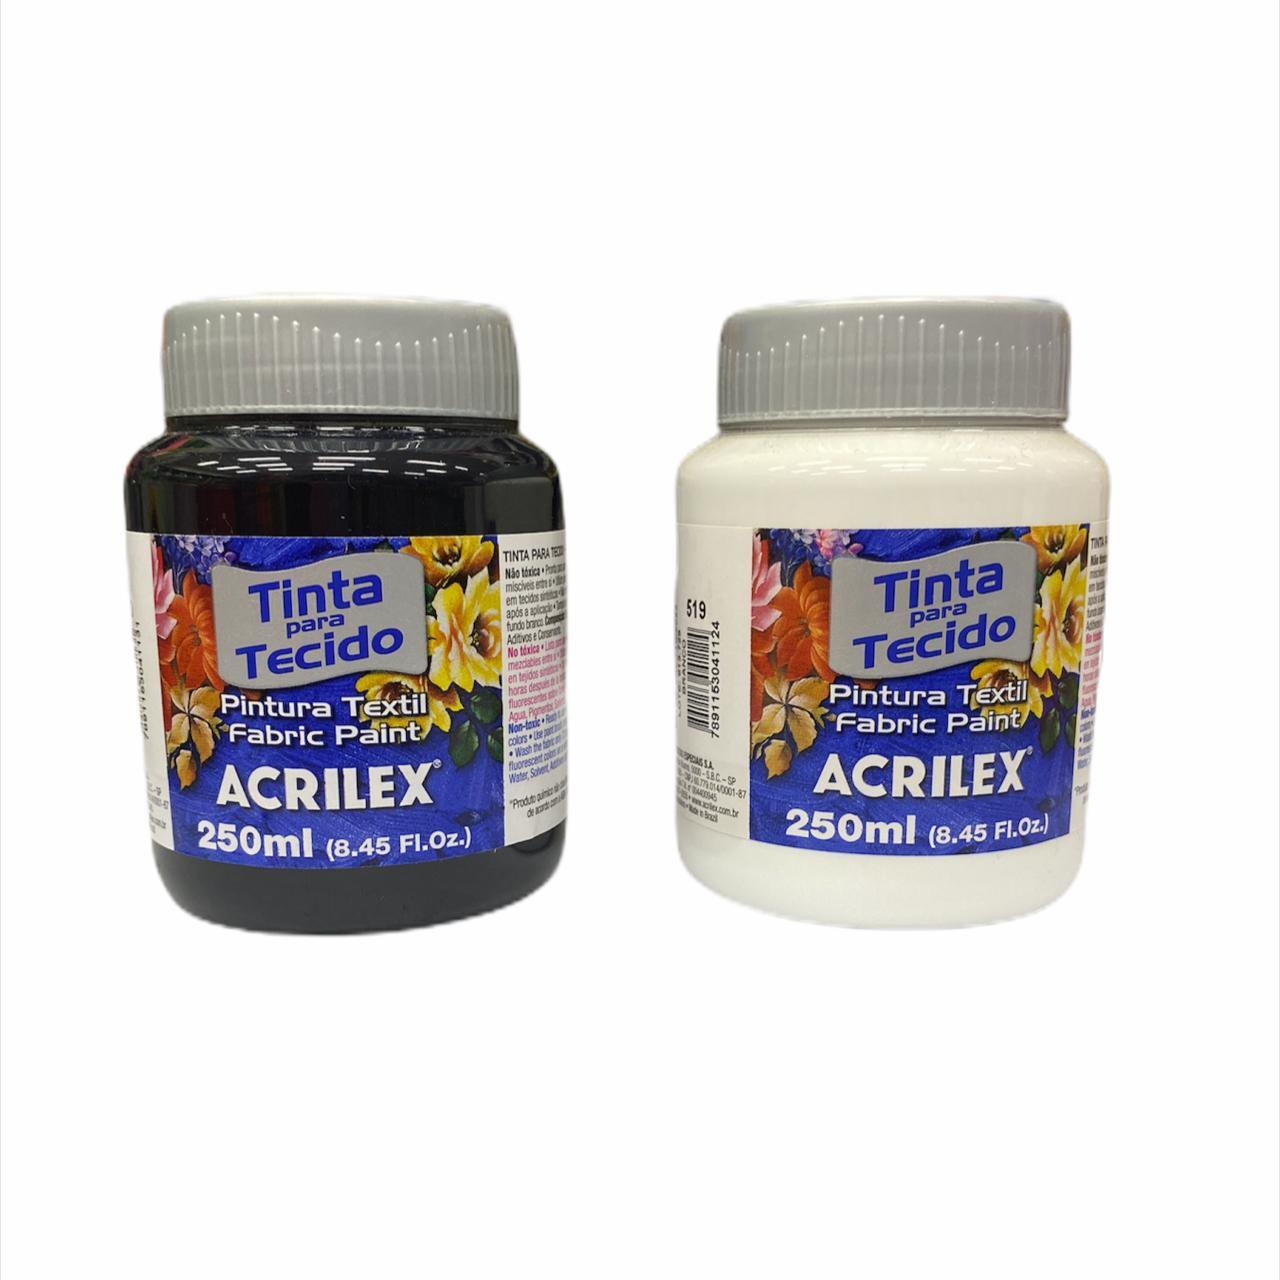 Tinta para Tecido Acrilex 250ml